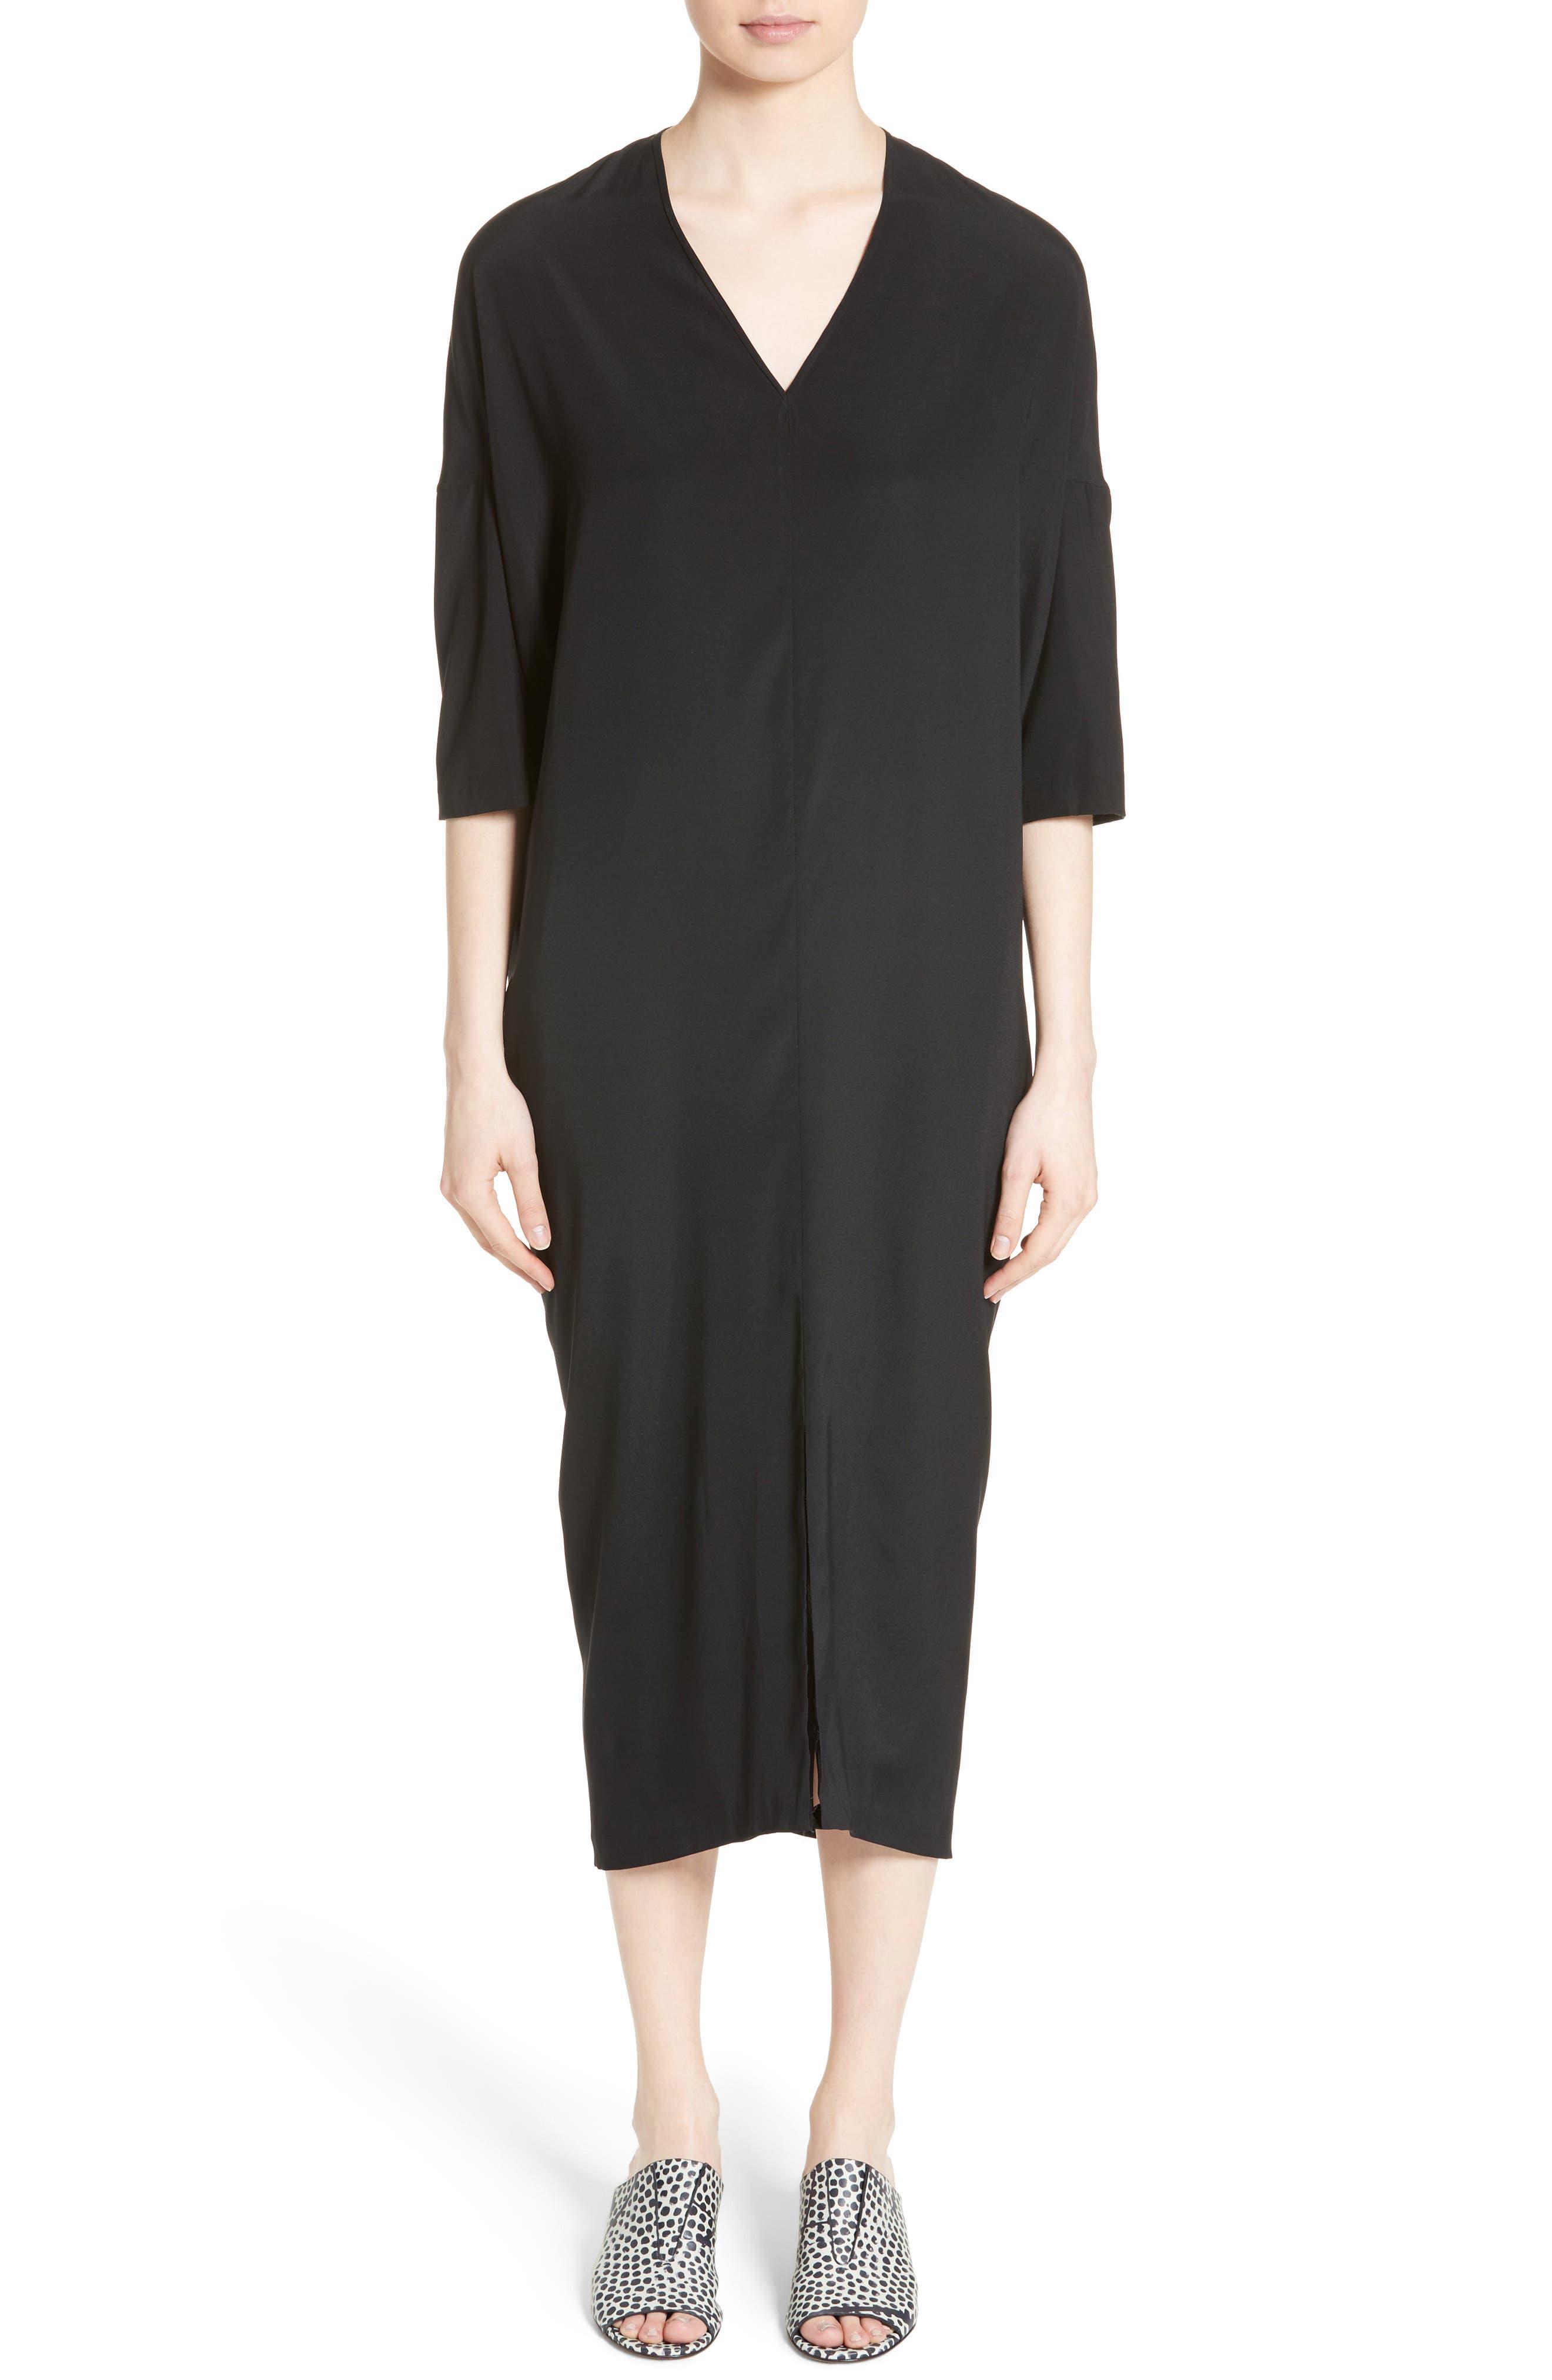 Zero + Maria Cornejo Koya Stretch Silk Charmeuse Dress